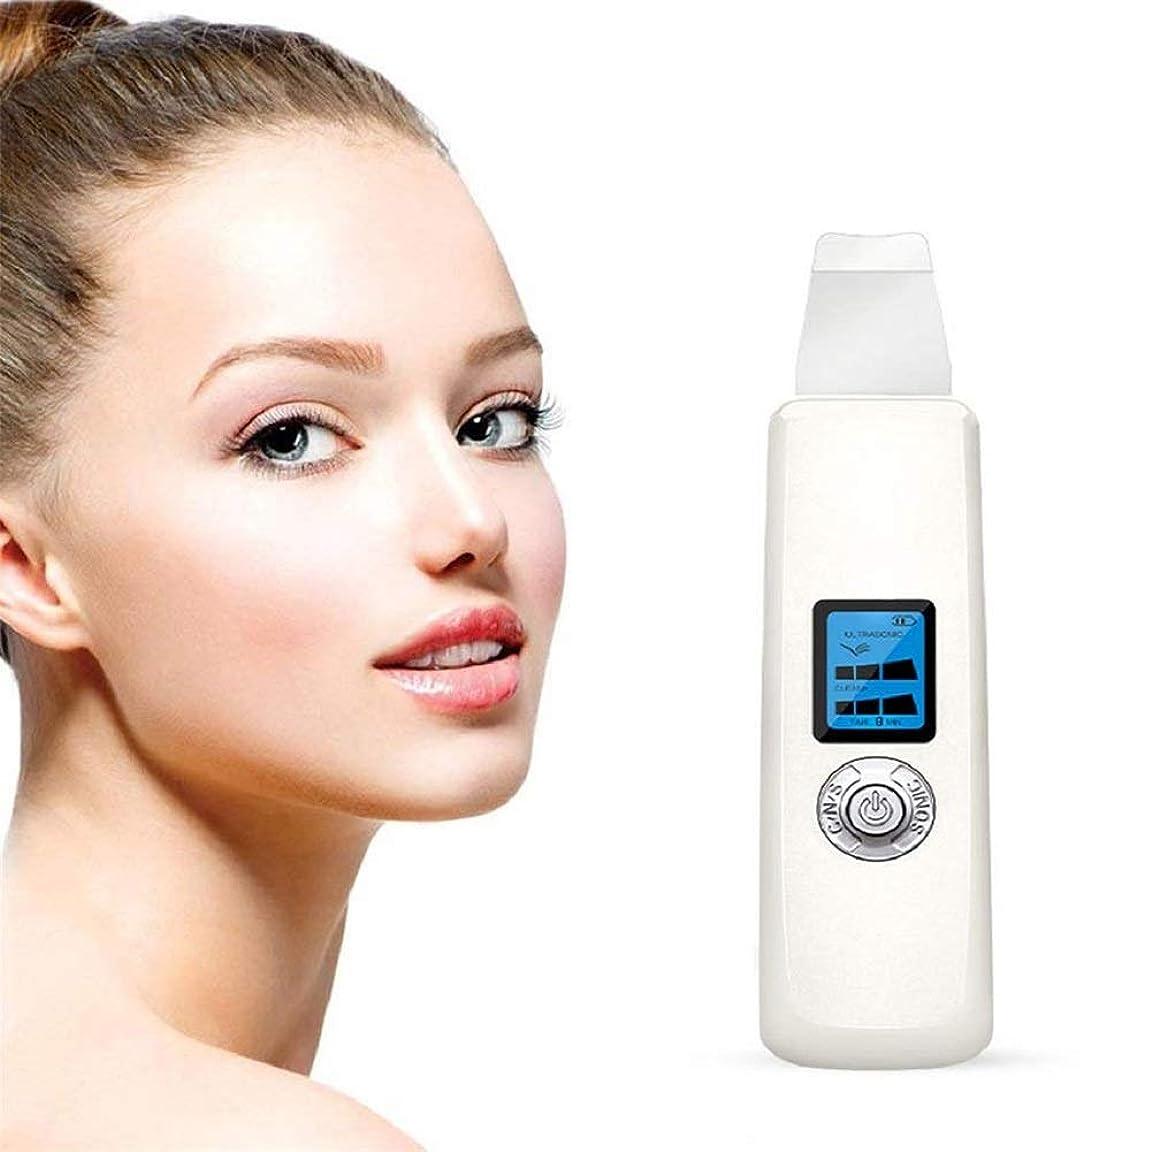 雇用者アダルト明るいハンドヘルド美容機器、美容機器フェイシャルスキンピールダーマブレーション、肌の若返り防止アンチエイジングデバイス肌へら